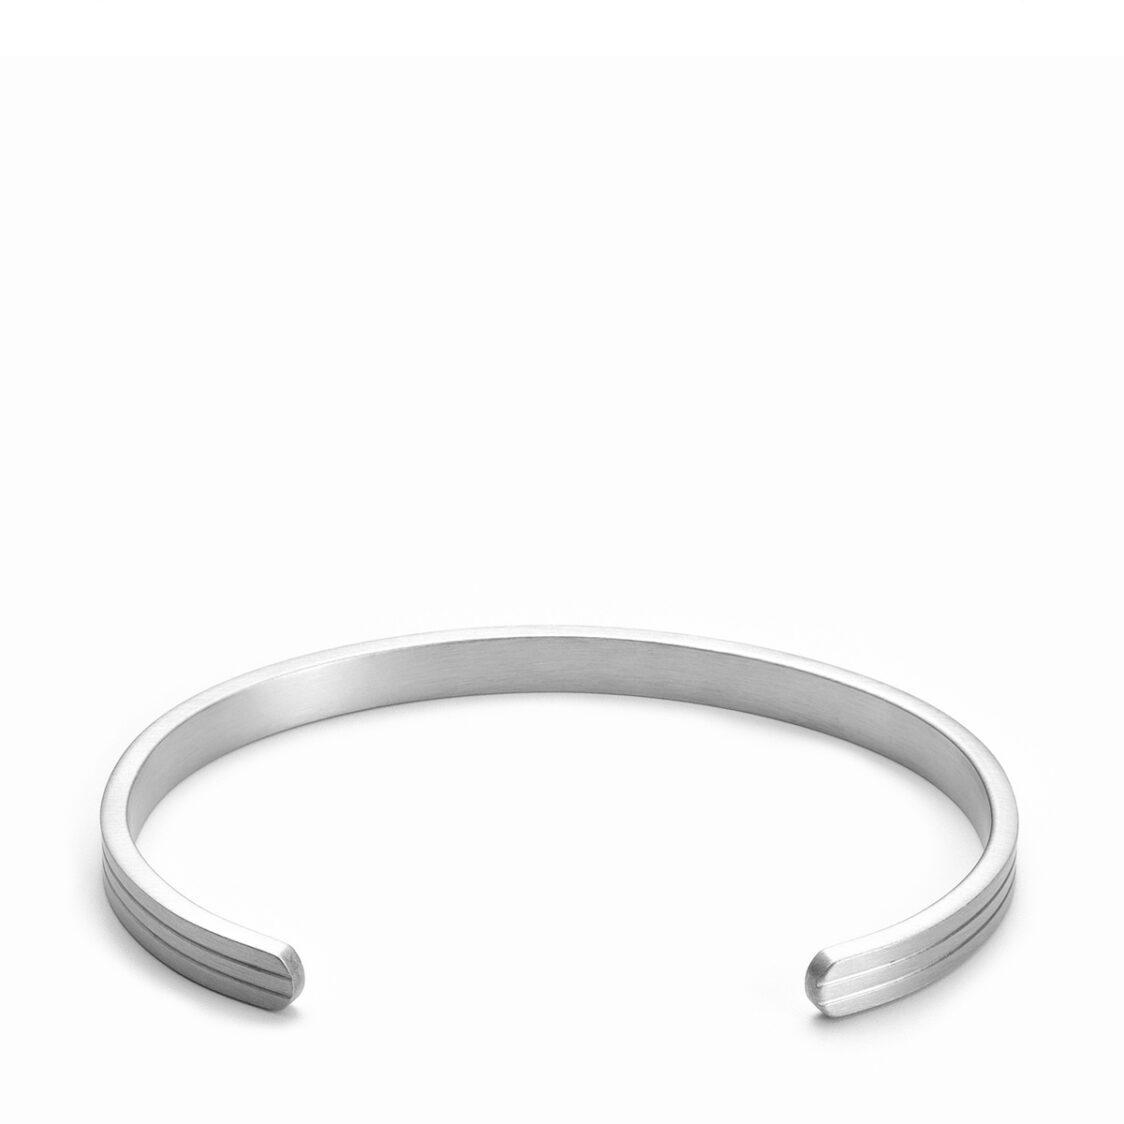 Plain Supplies Das Cuff - Silver